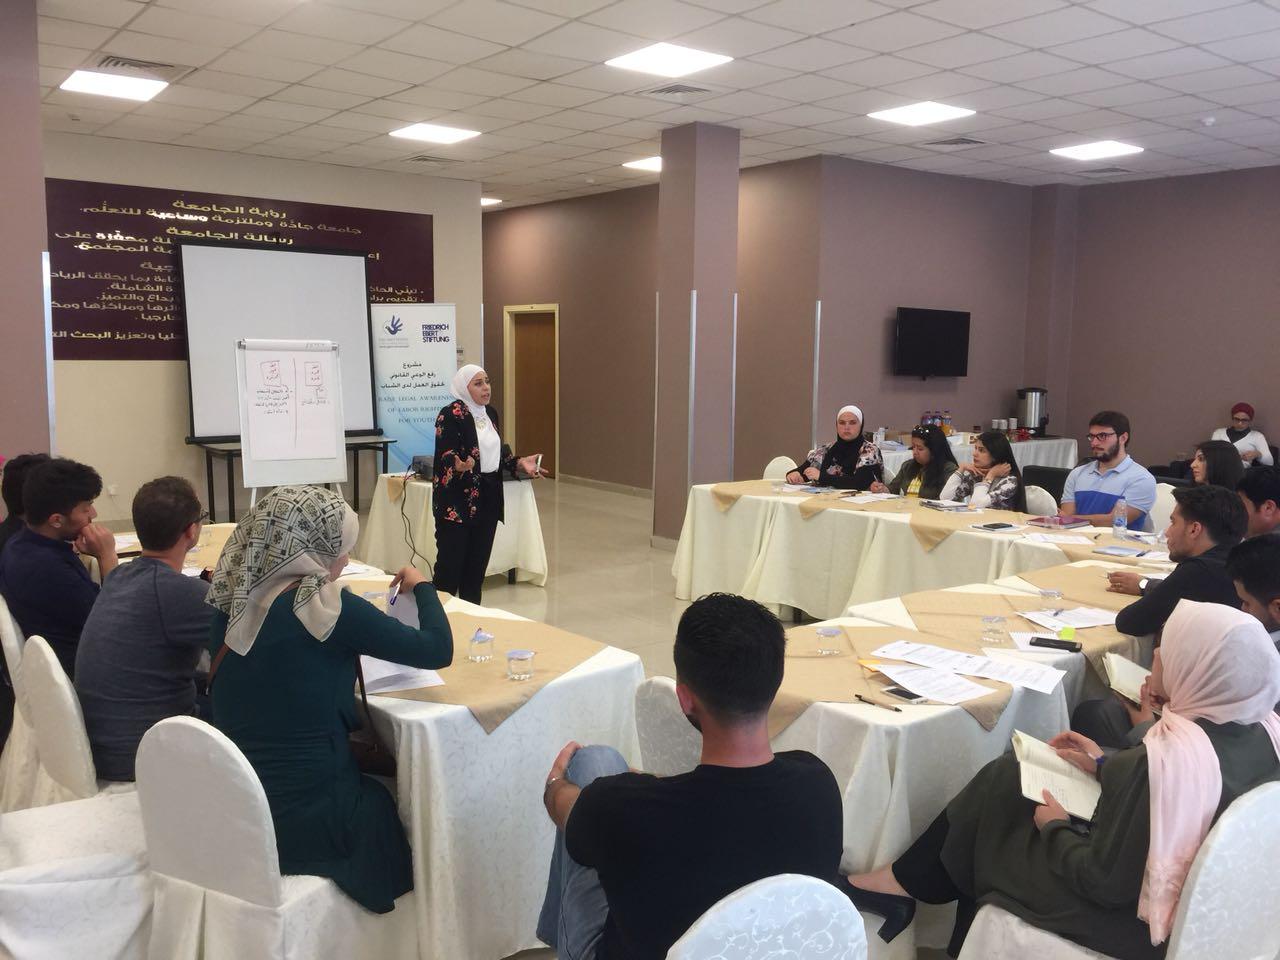 الأردن: الأورومتوسطي يعقد أولى تدريبات مشروع رفع الوعي القانوني بحقوق العمل للشباب